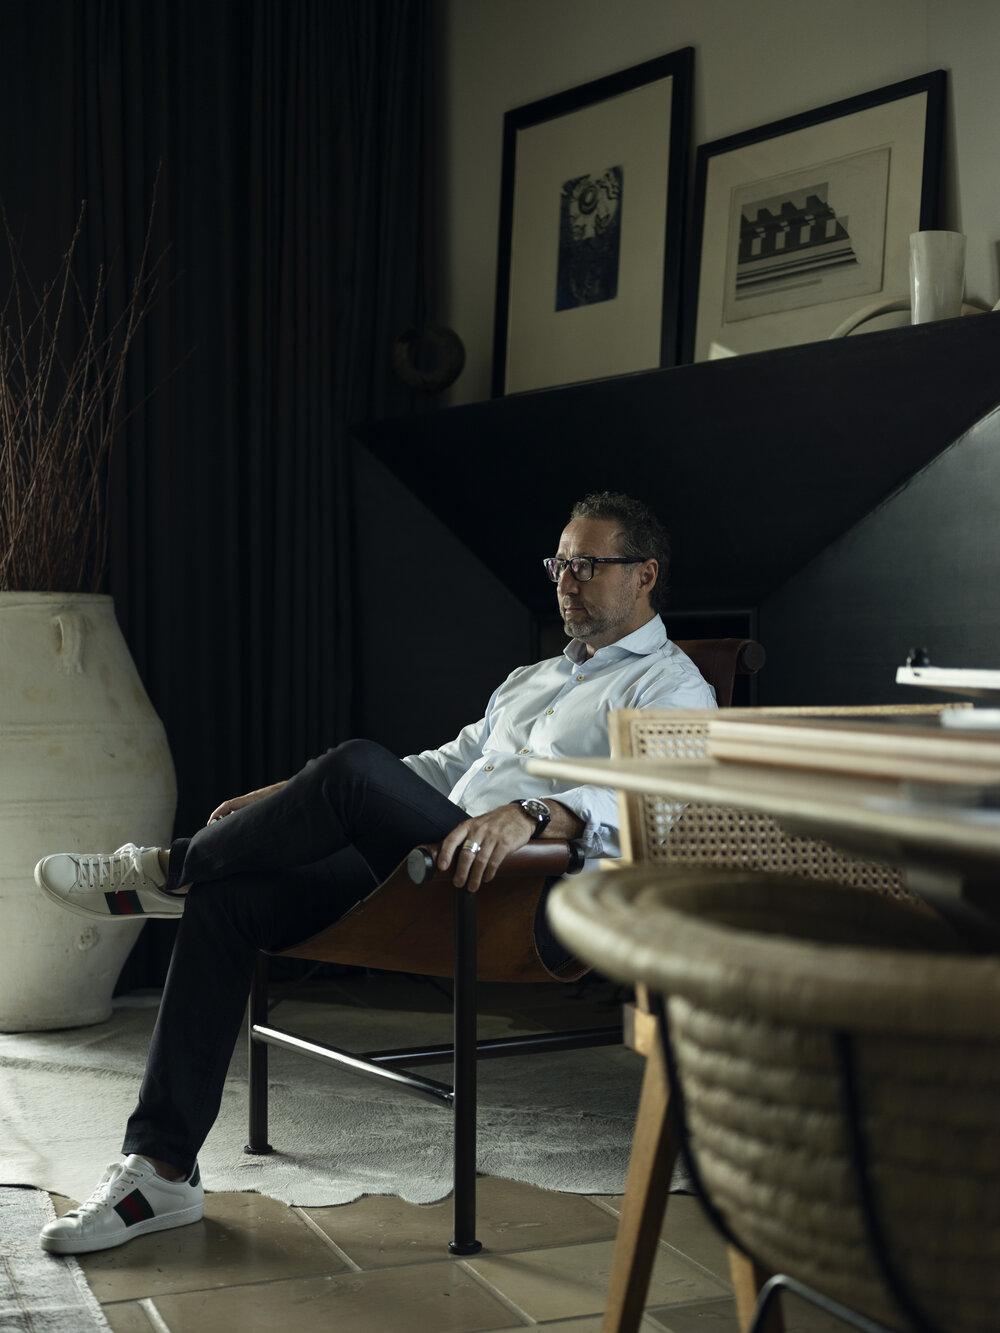 Make Life Beautiful With Jeffrey Dungan